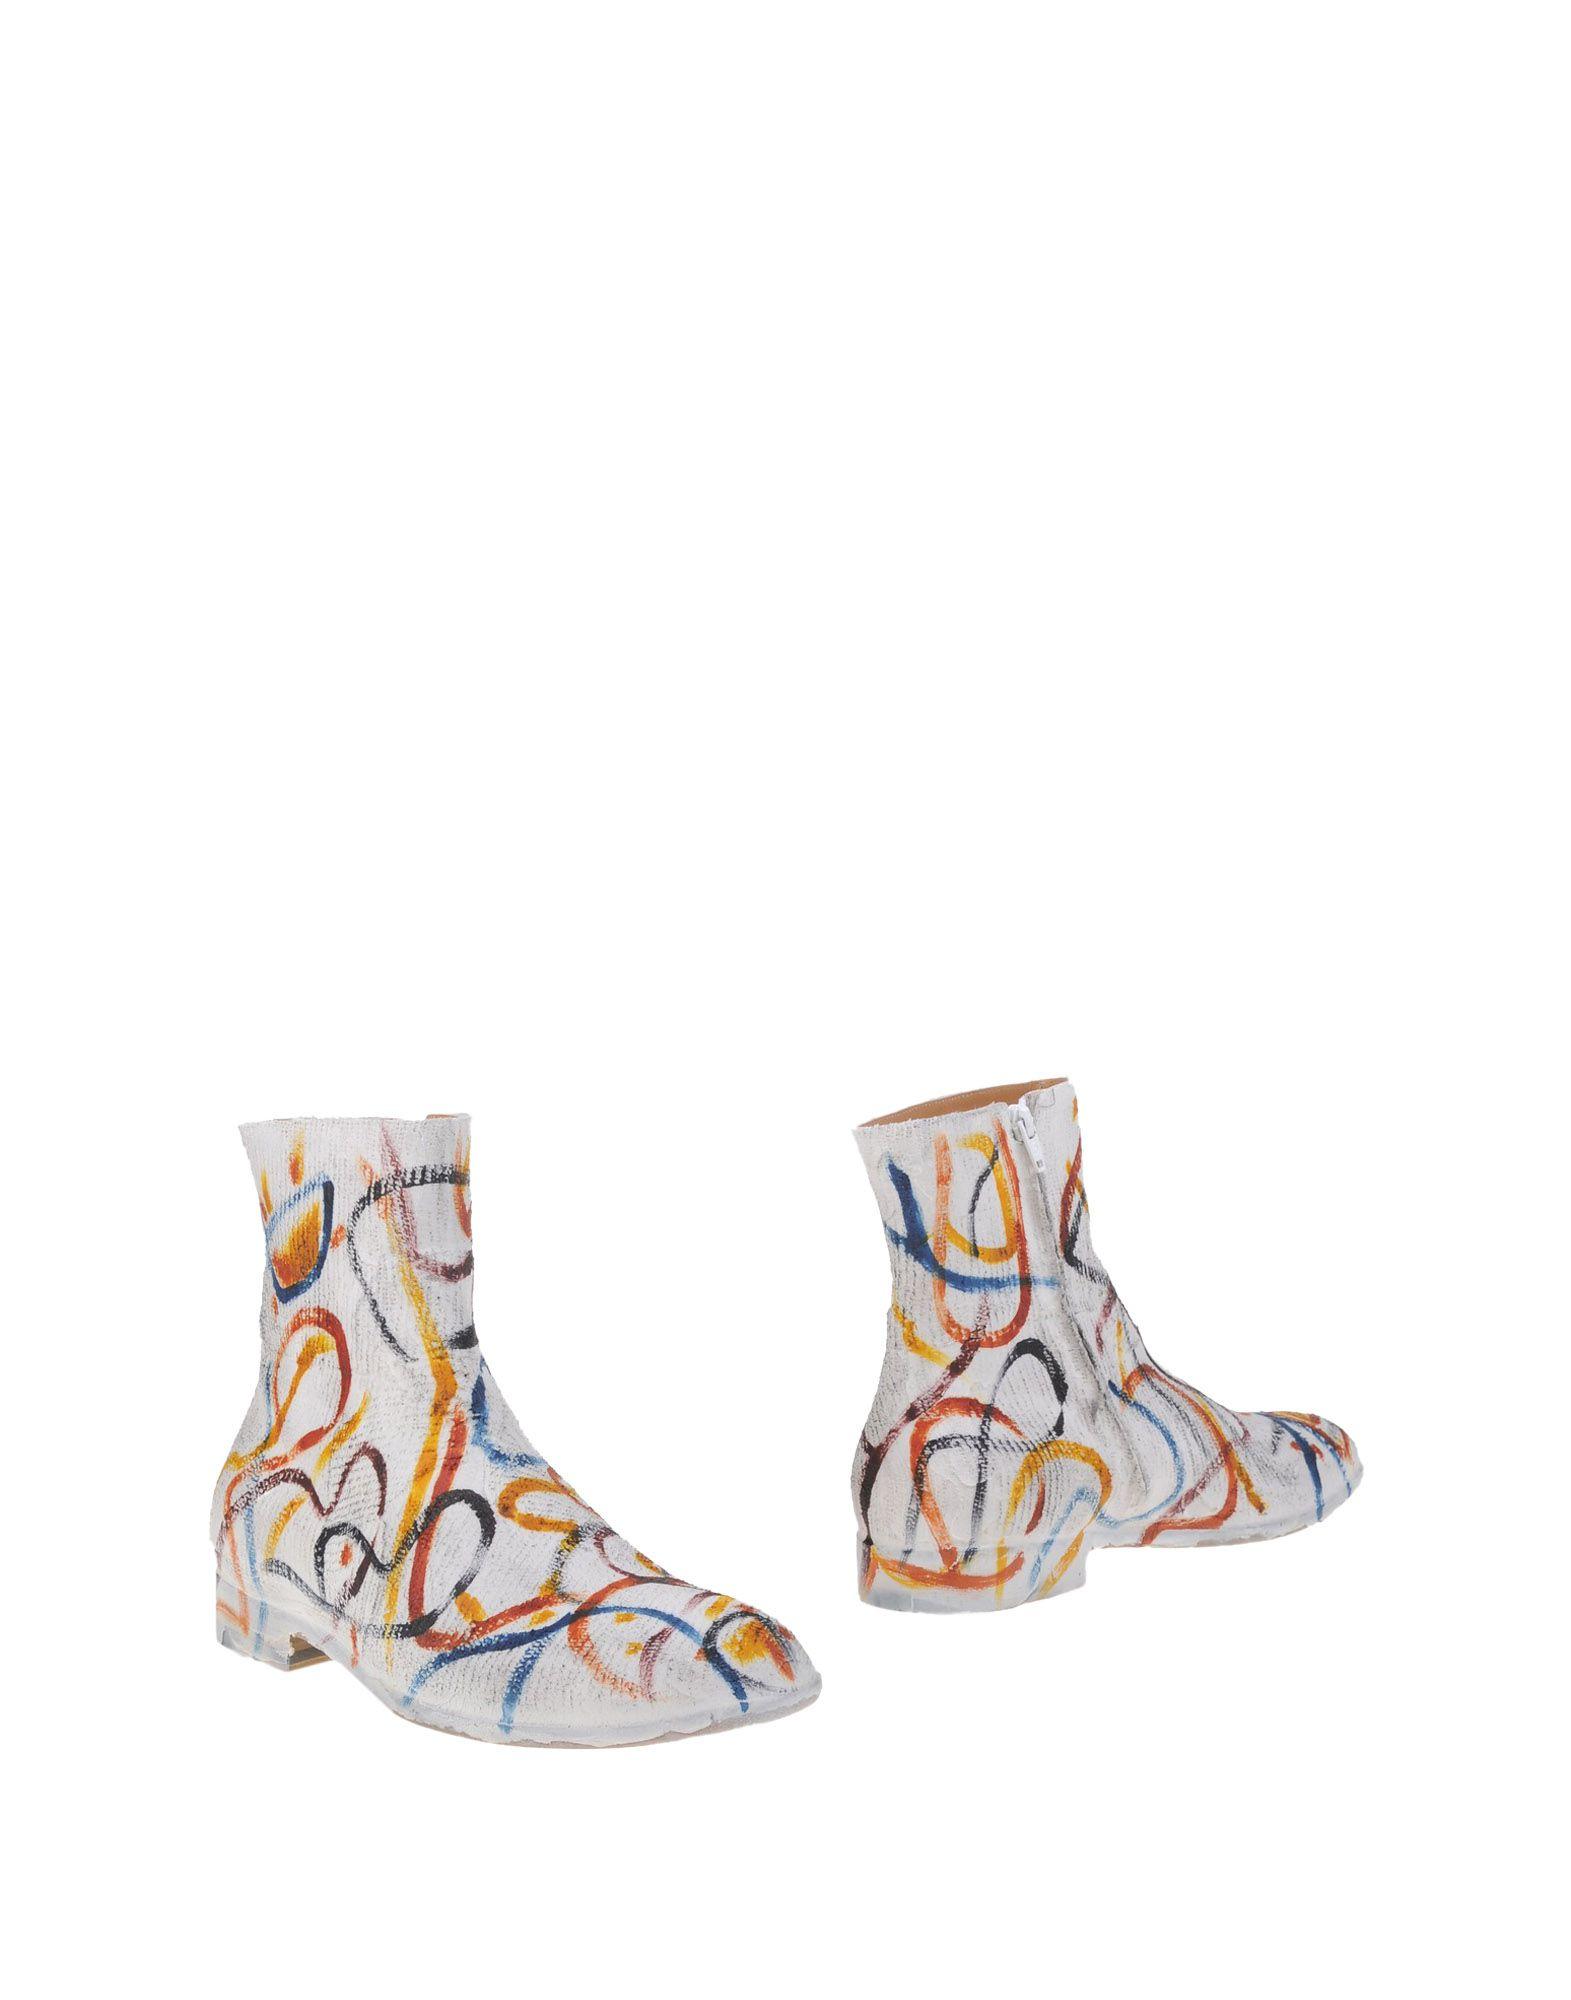 Maison Margiela Stiefelette Herren  11113968IW Gute Qualität beliebte Schuhe